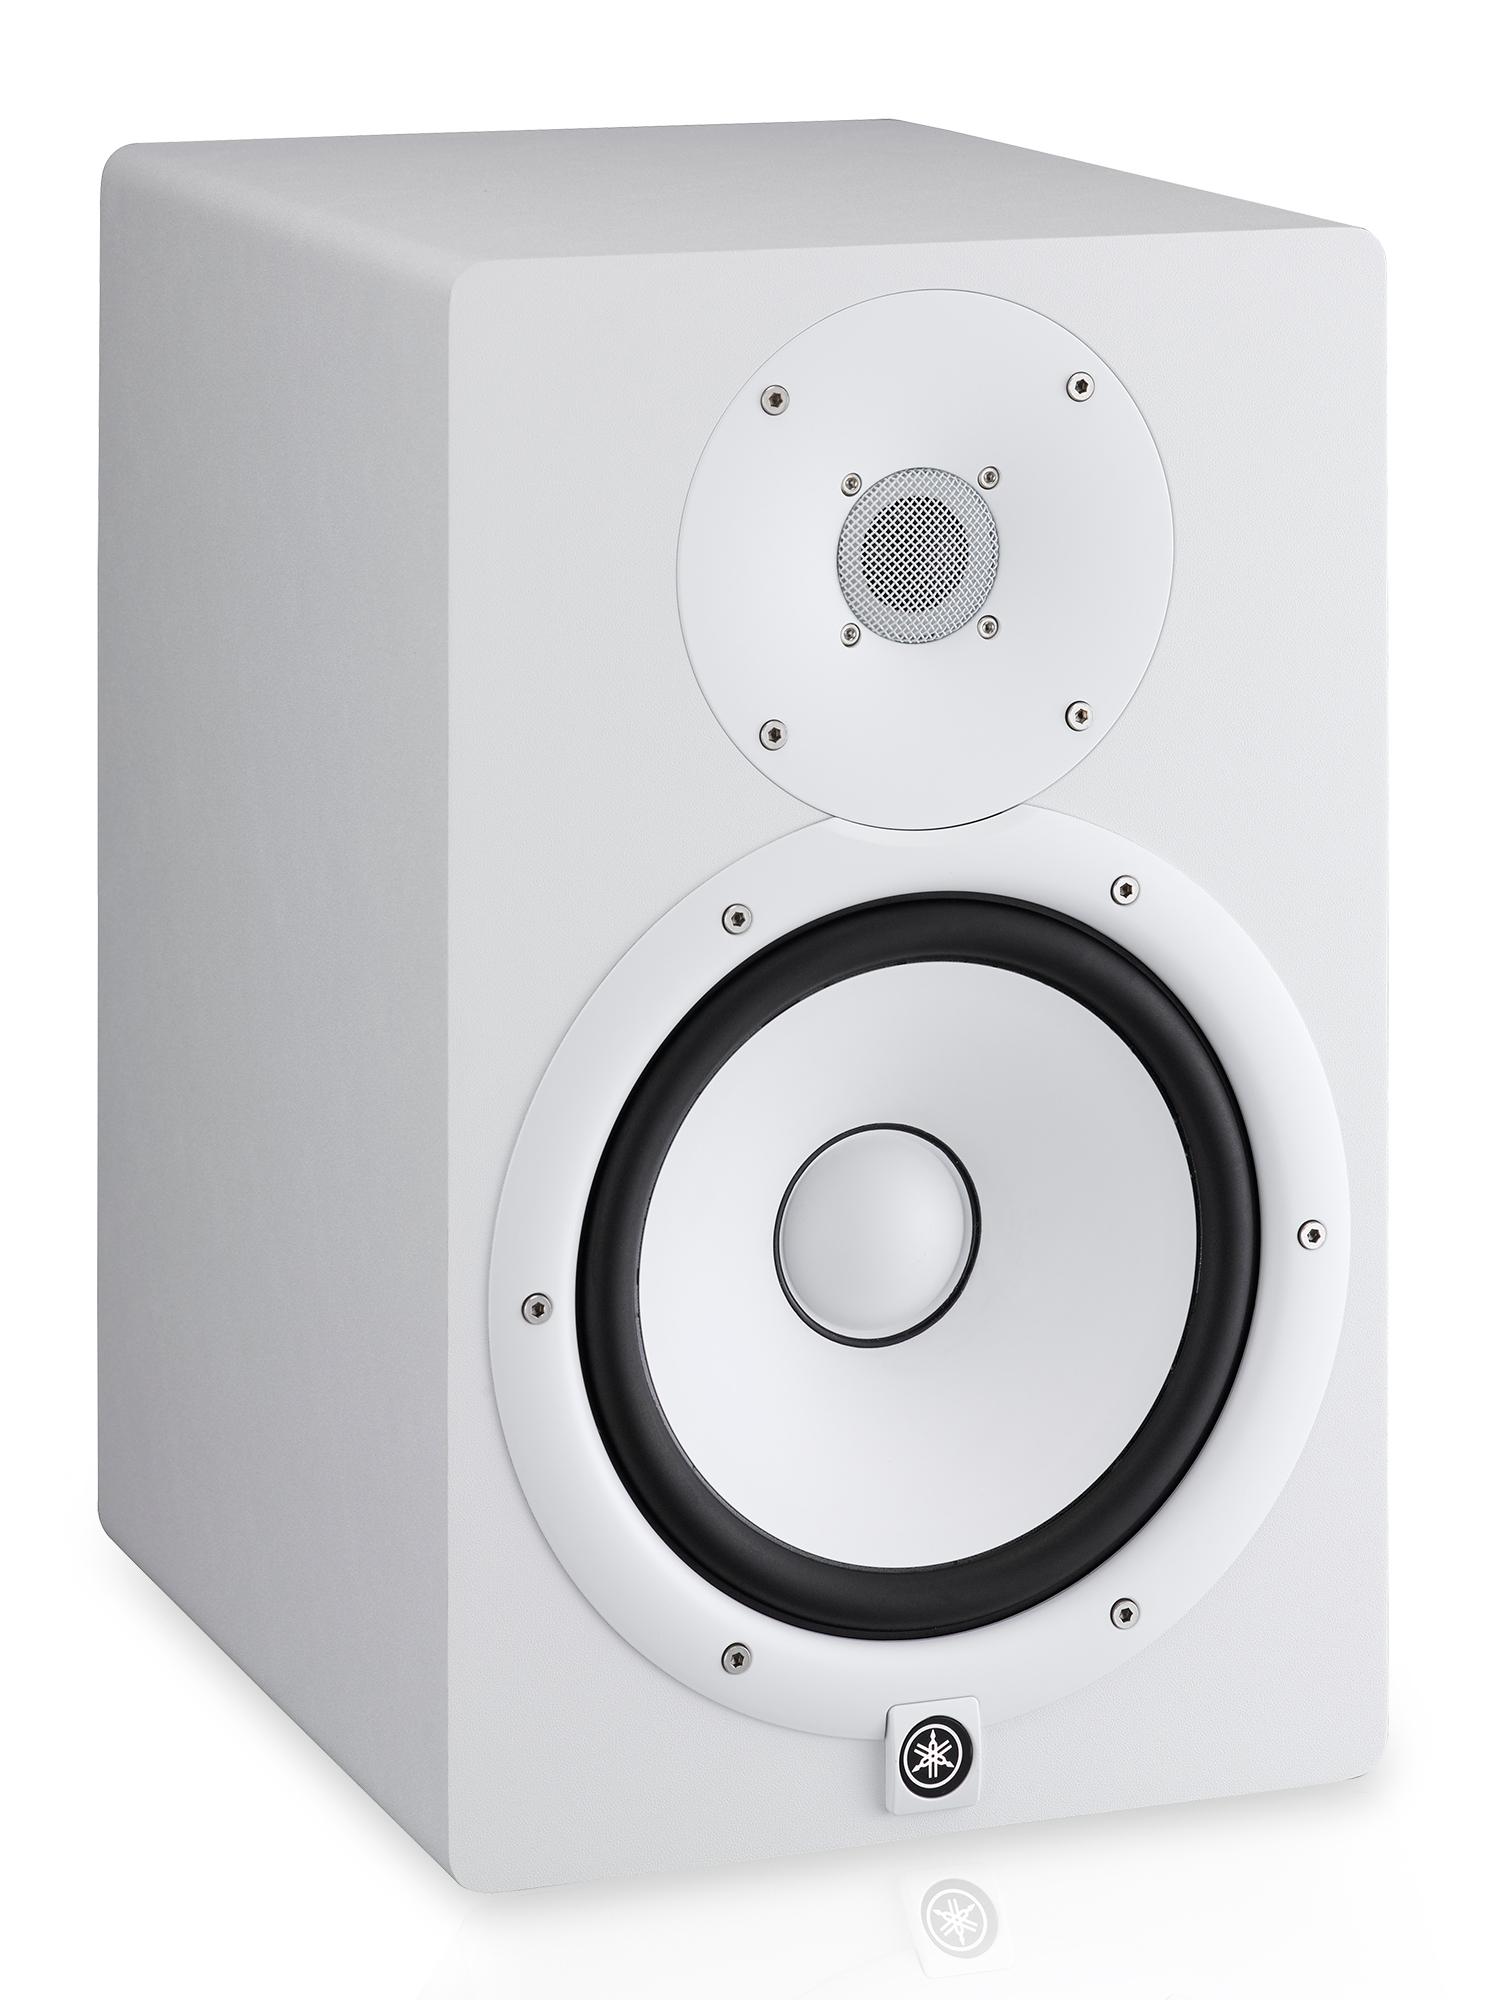 Yamaha hs8 image 2099921 audiofanzine for Yamaha hs8 price